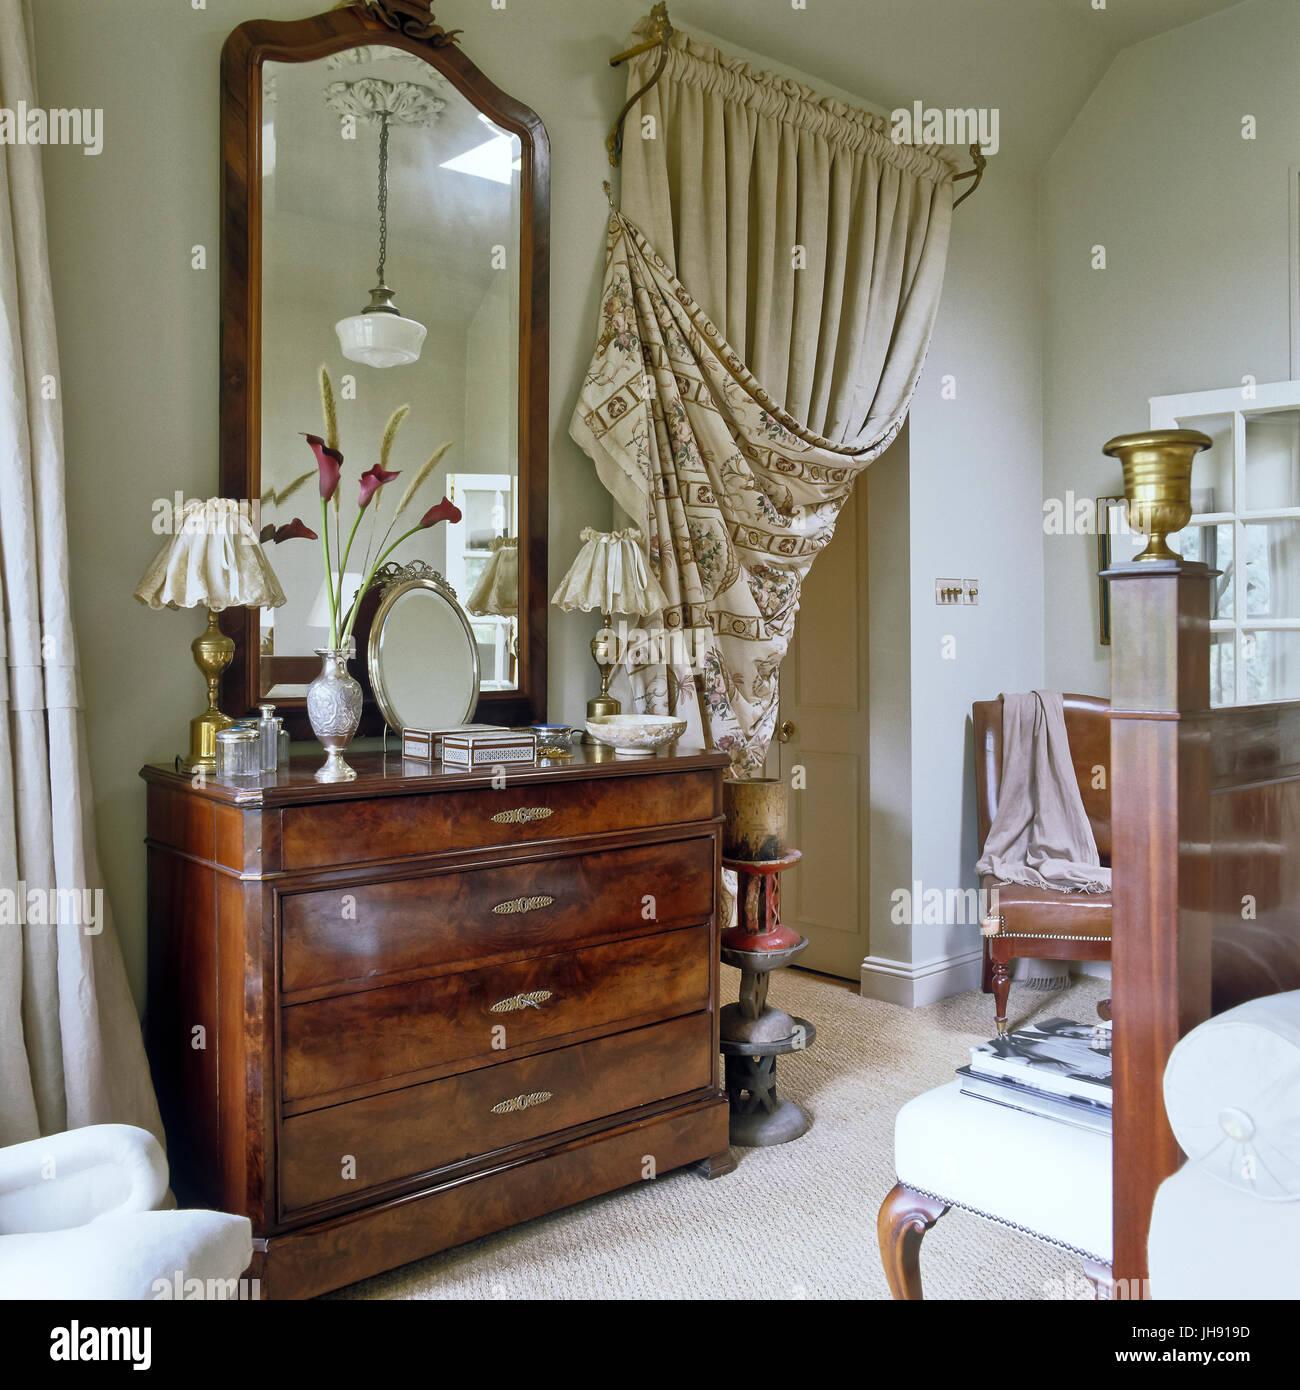 Schubladen mit Vorhang im Schlafzimmer Stockfoto, Bild: 148330713 ...